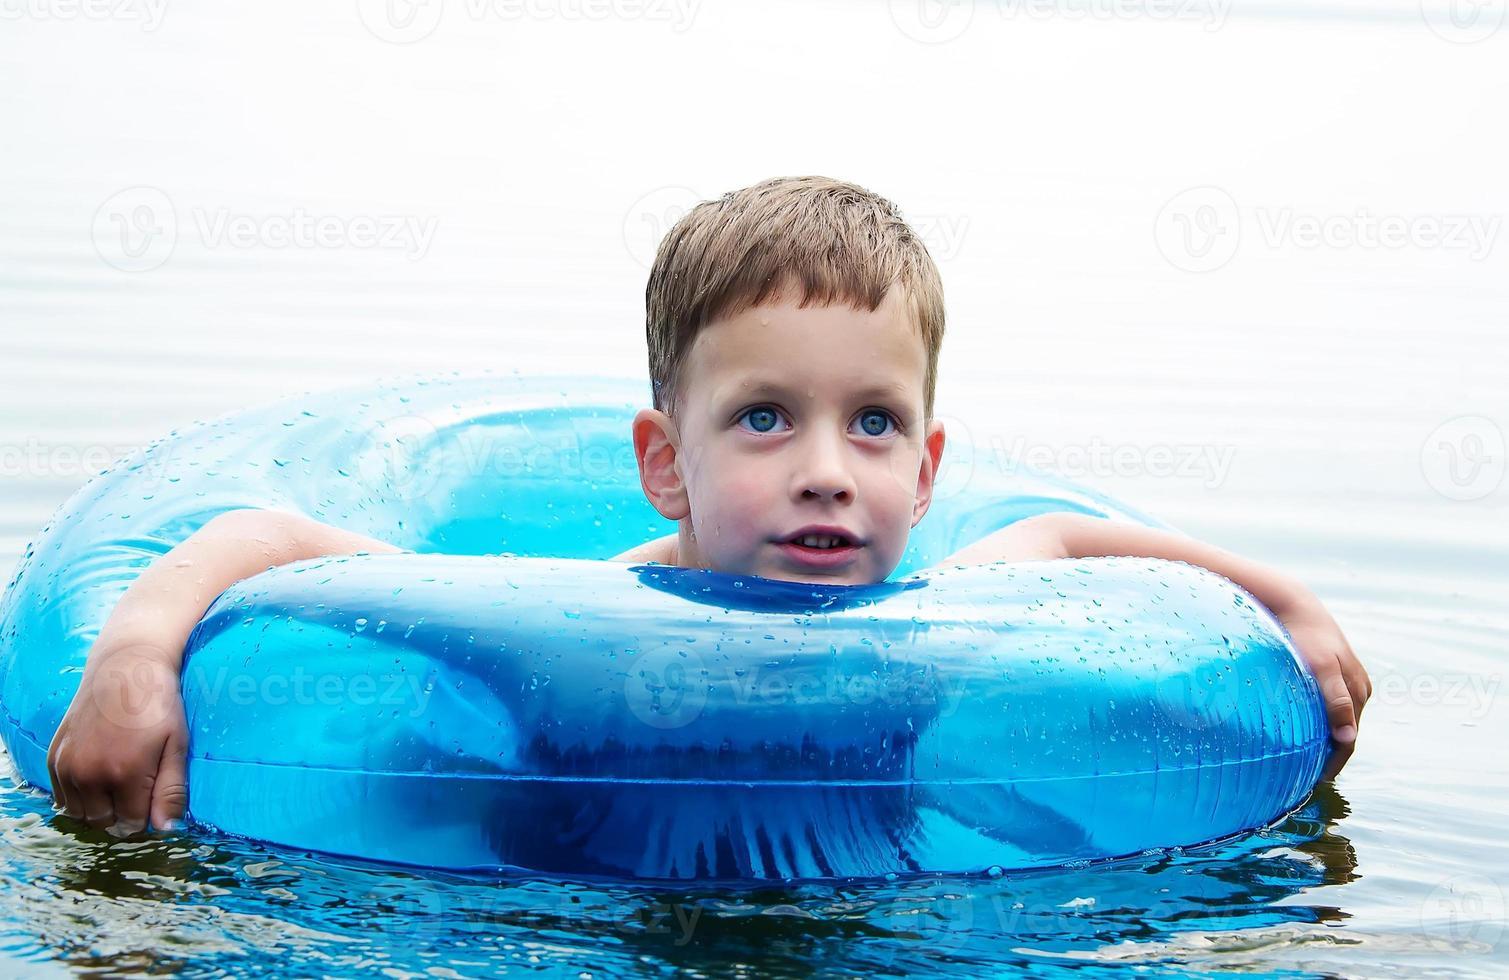 pojke kopplar av på ett vattenrör foto